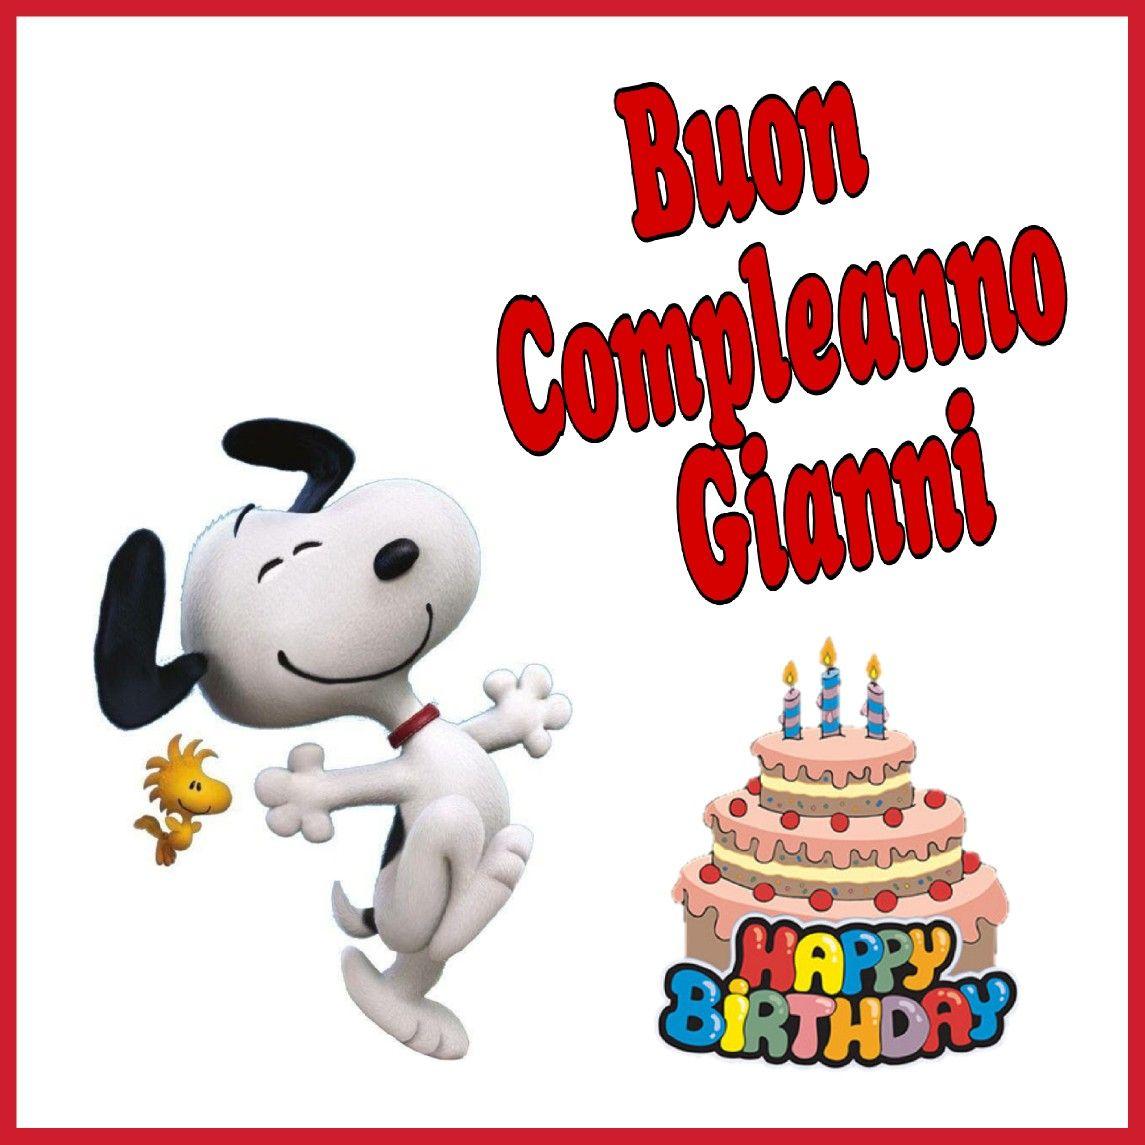 Buon compleanno Gianni | Buon compleanno | Pinterest